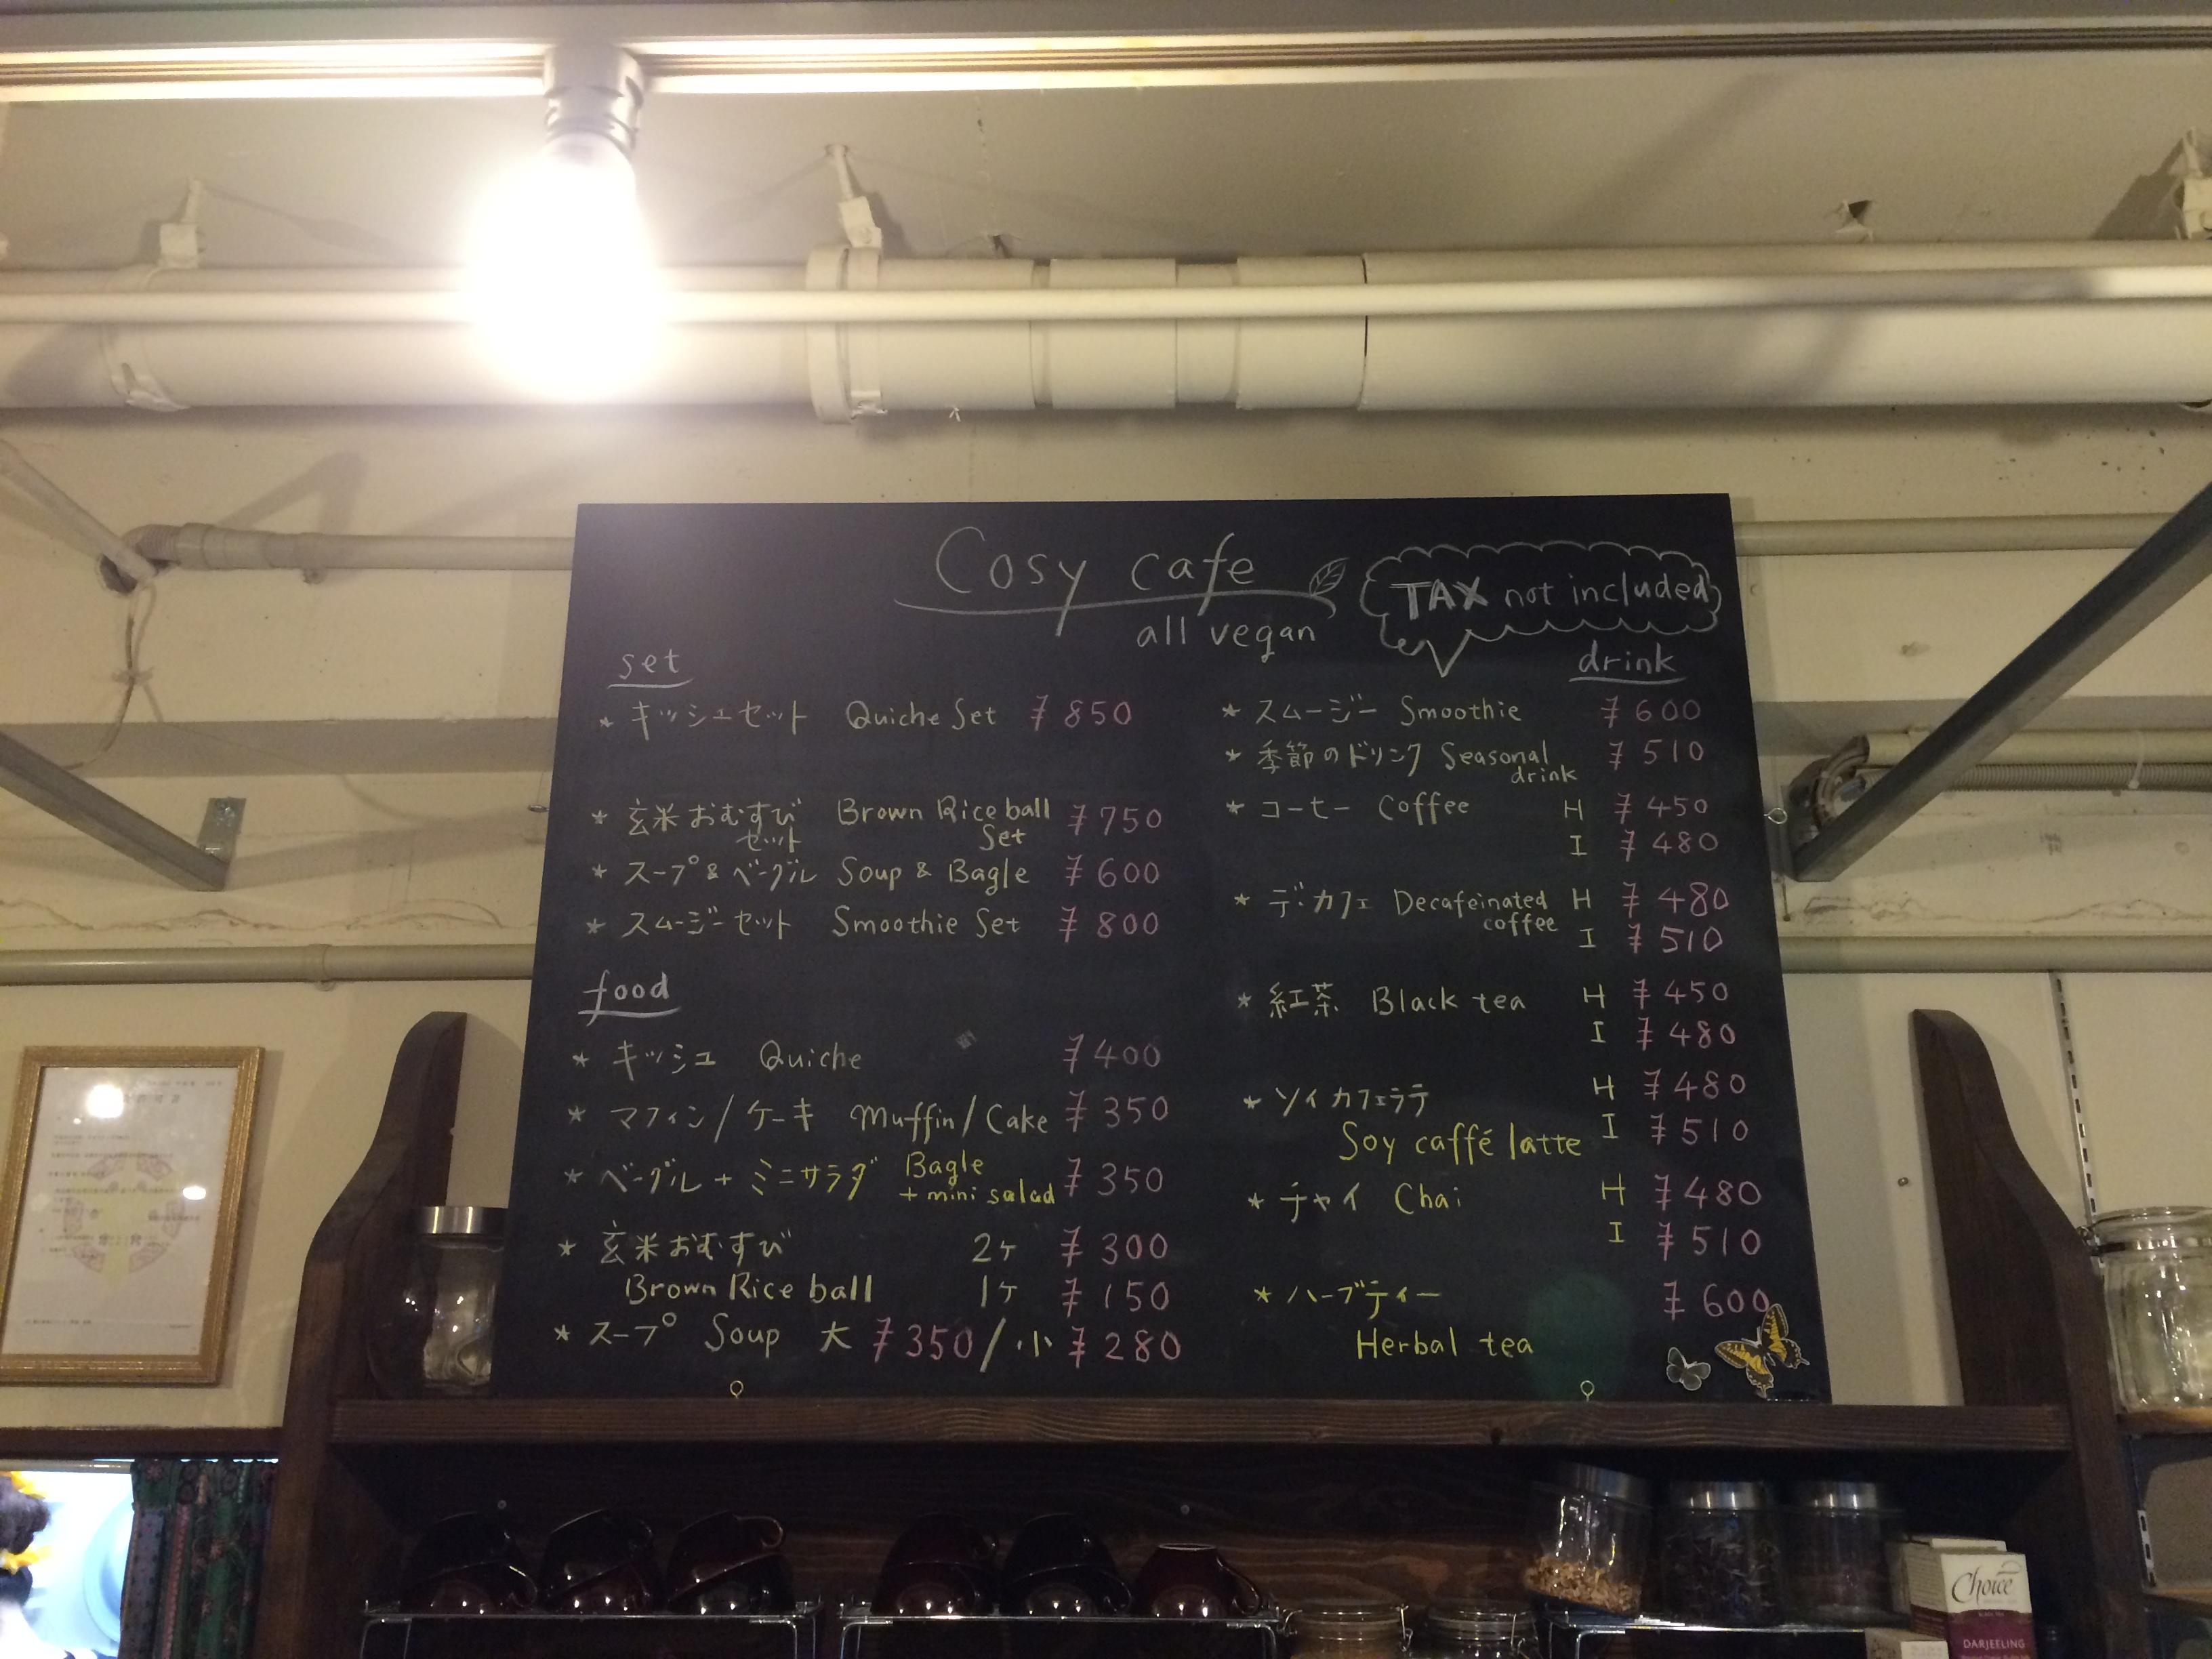 cosy cafe黒板